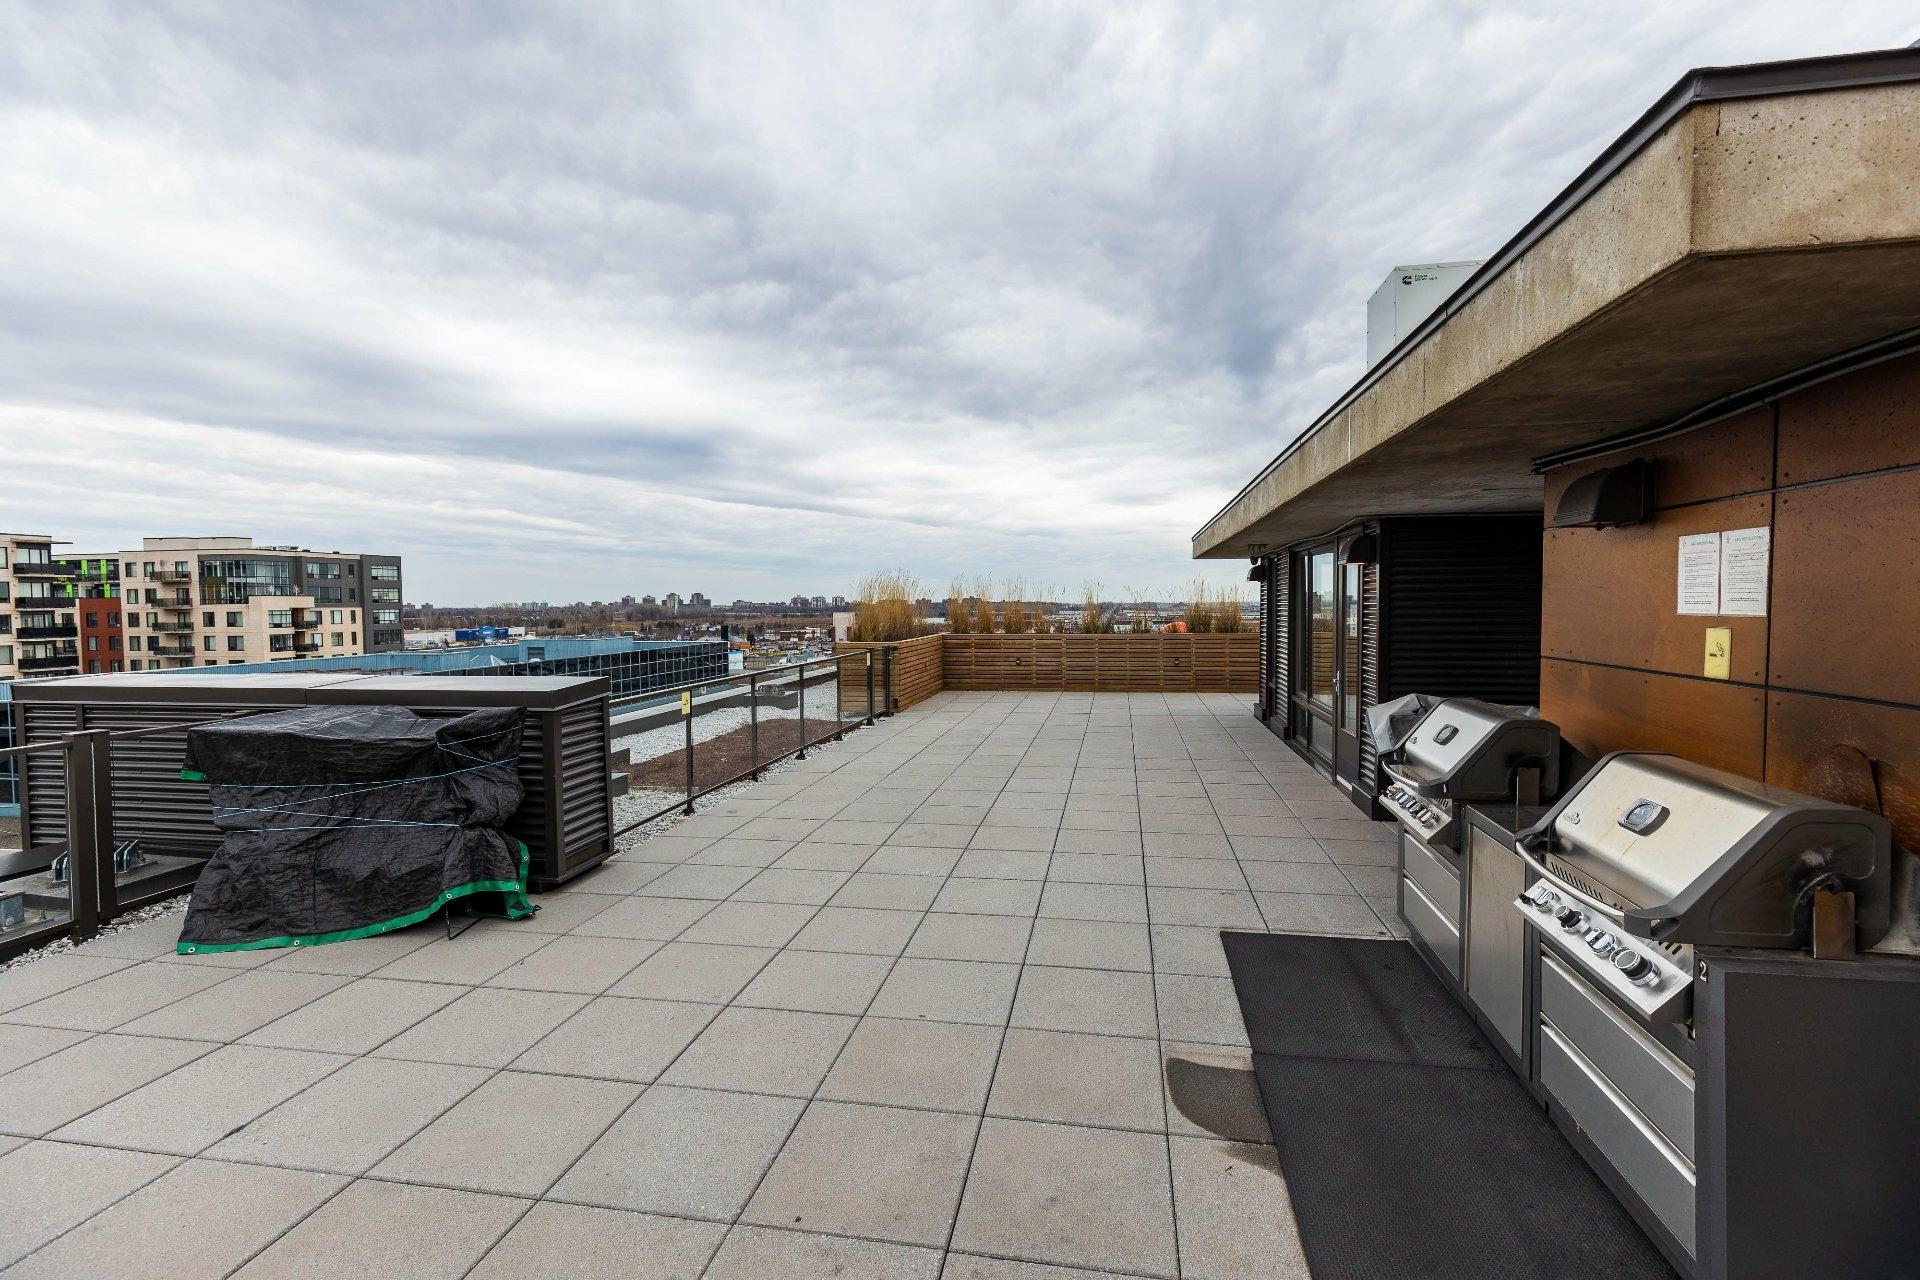 image 16 - Appartement À vendre Côte-des-Neiges/Notre-Dame-de-Grâce Montréal  - 5 pièces